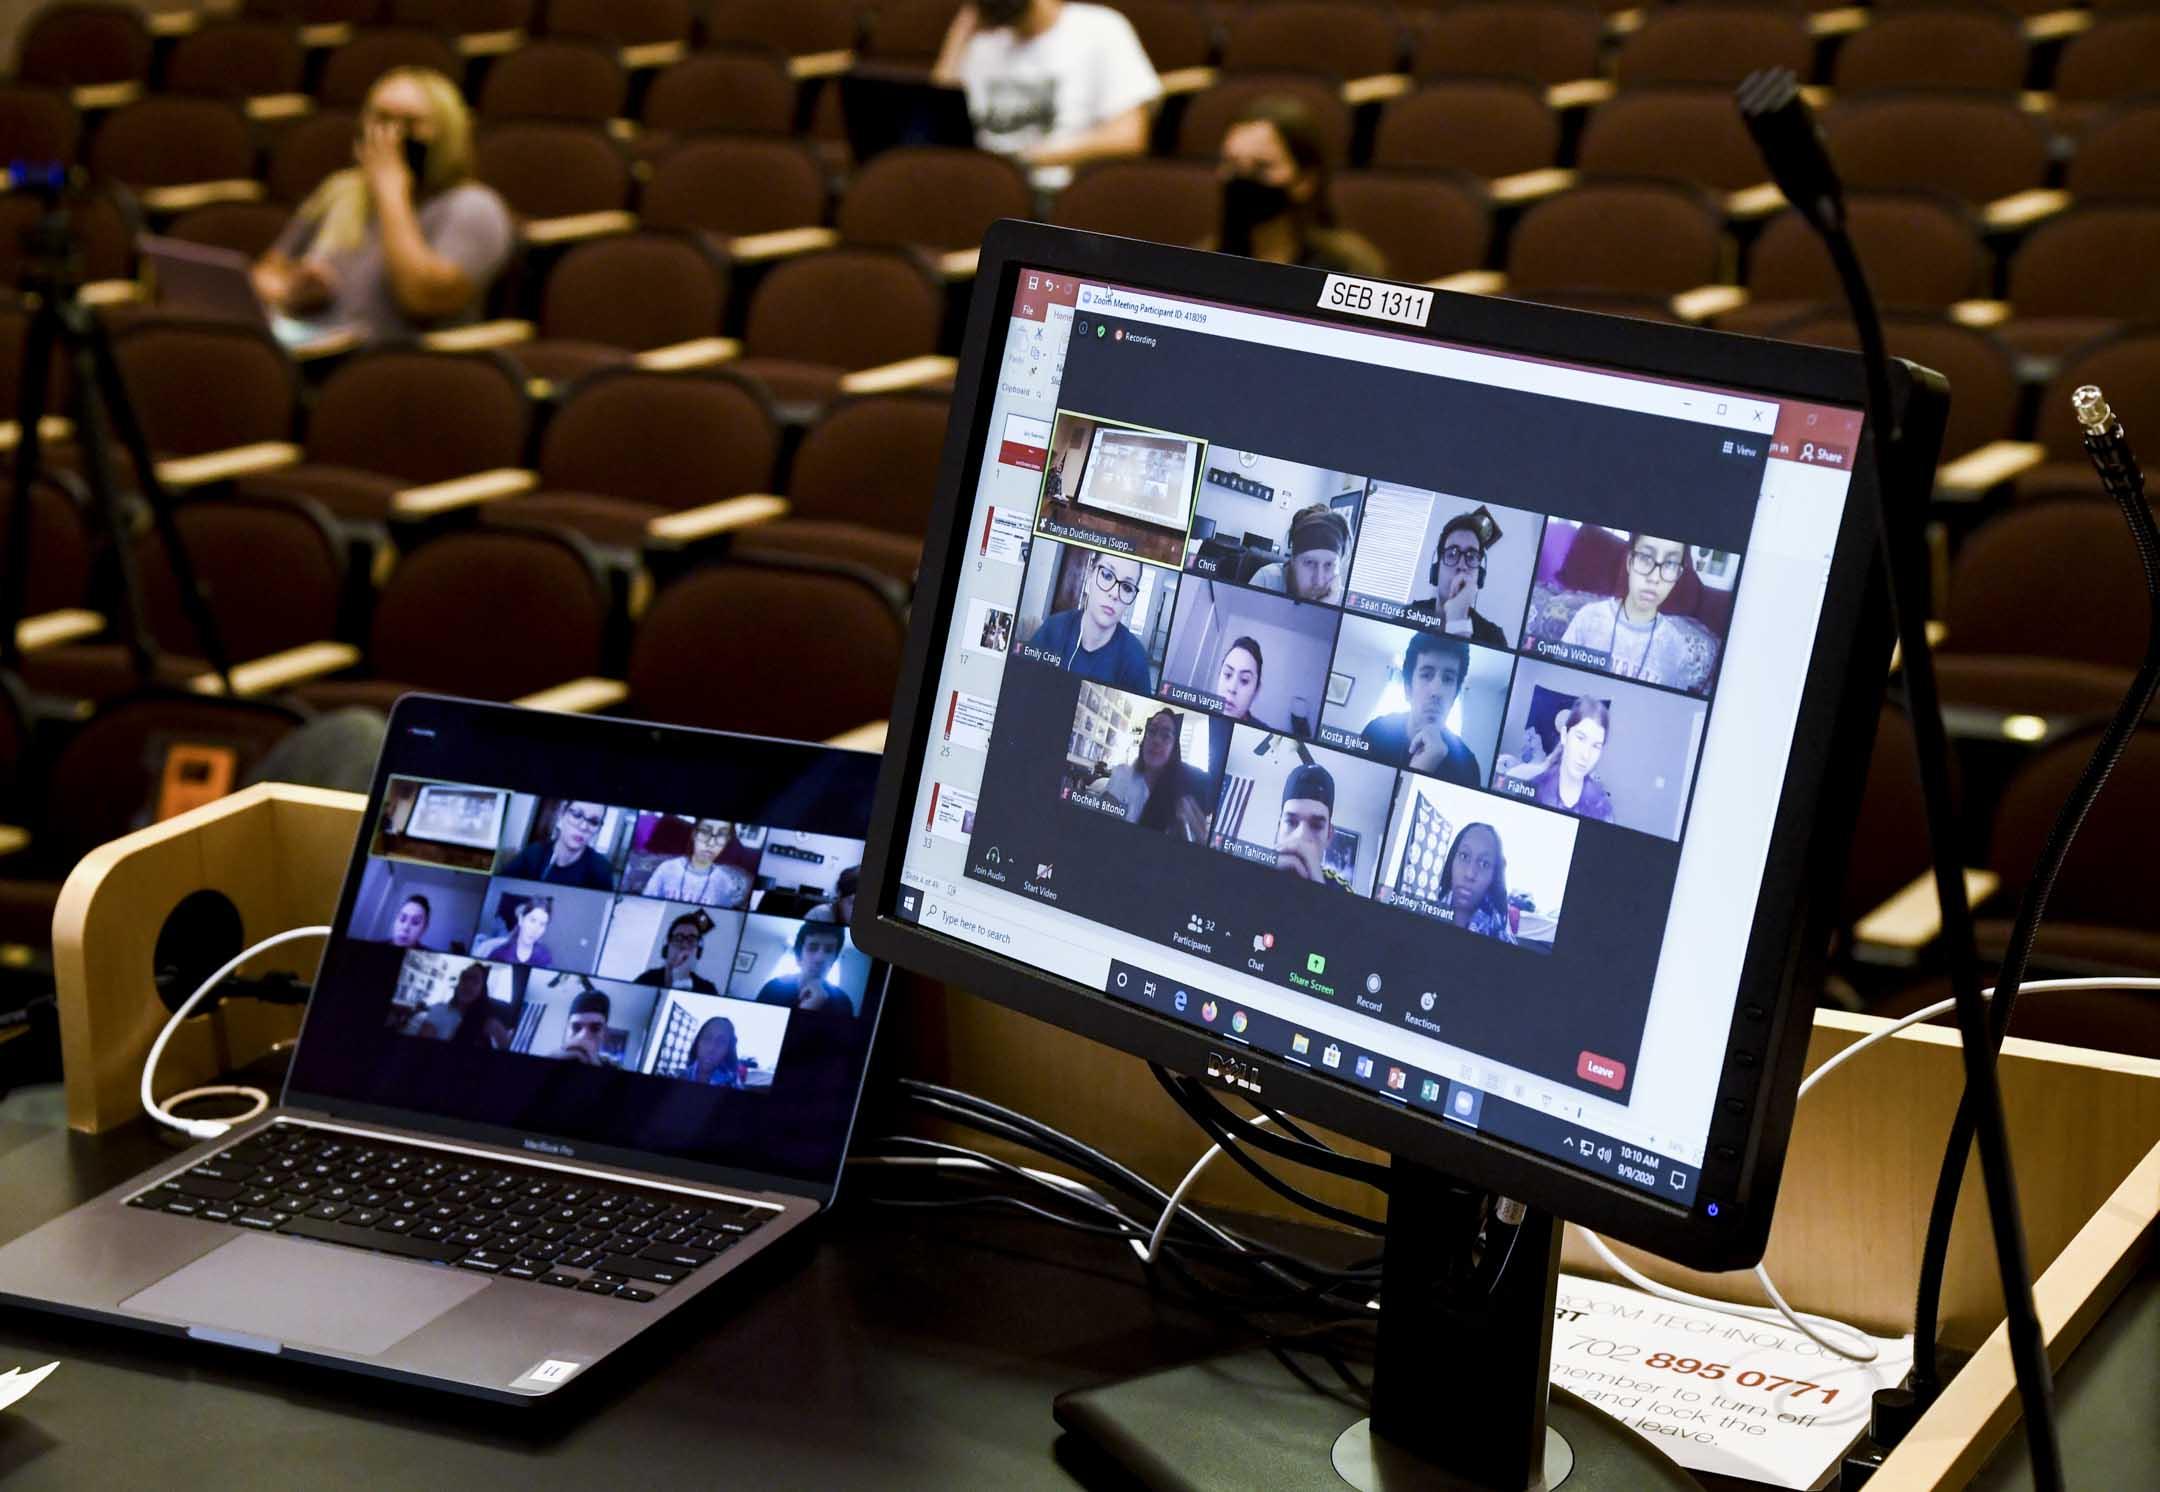 2020年9月9日,美國內華達州大學拉斯維加斯分校,一名講師正在網上授課。 攝:Ethan Miller/Getty Images